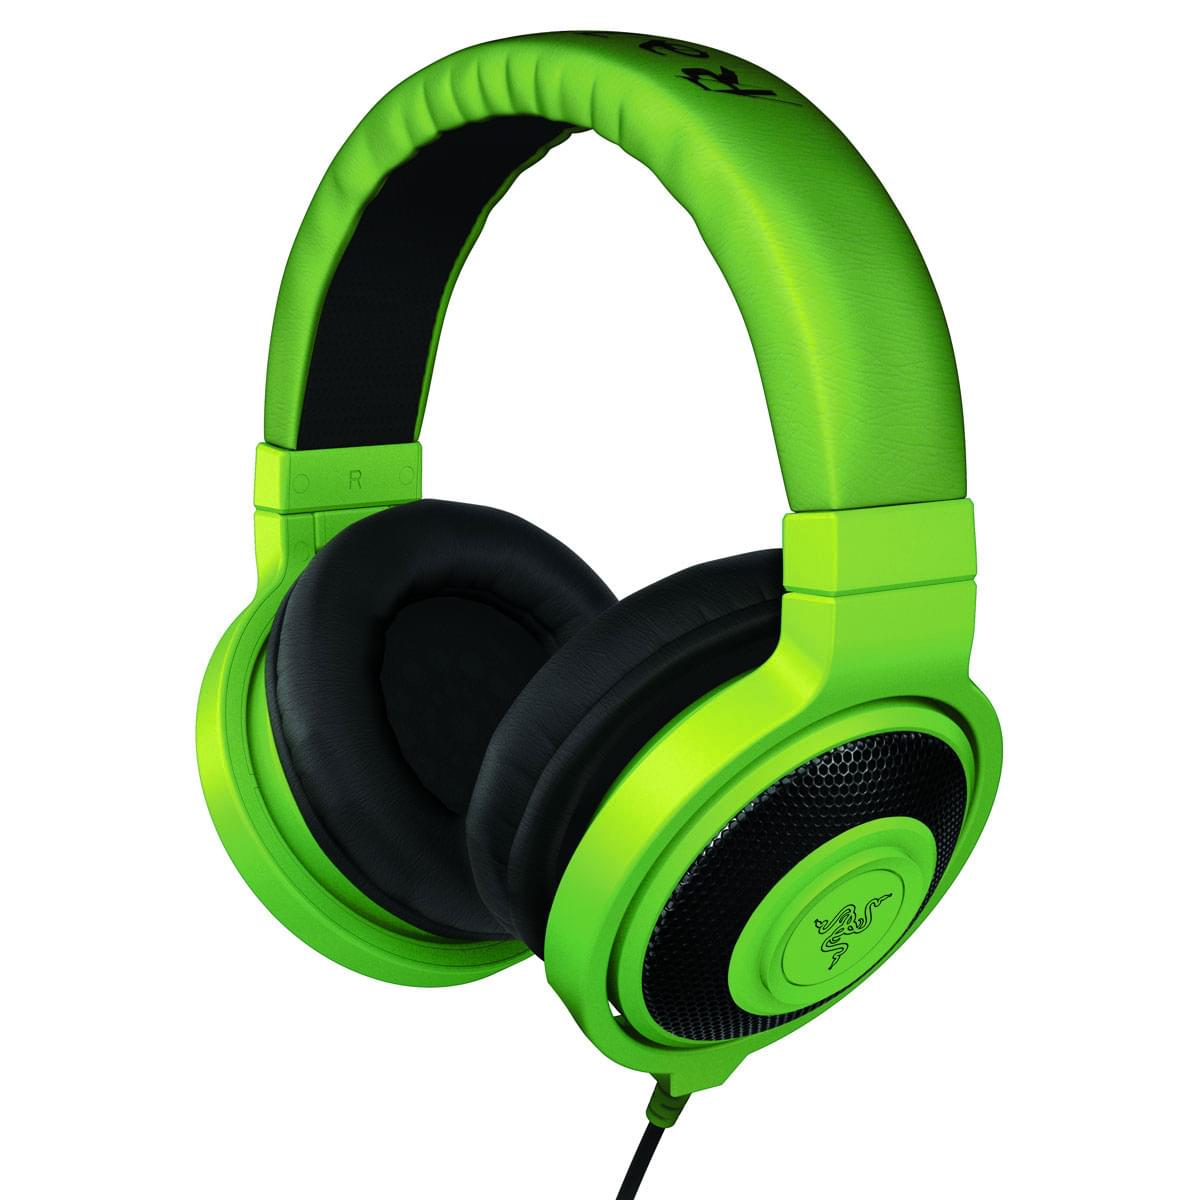 Razer Kraken Green (RZ12-00870100-R3M1) - Achat / Vente Micro-casque sur Cybertek.fr - 0